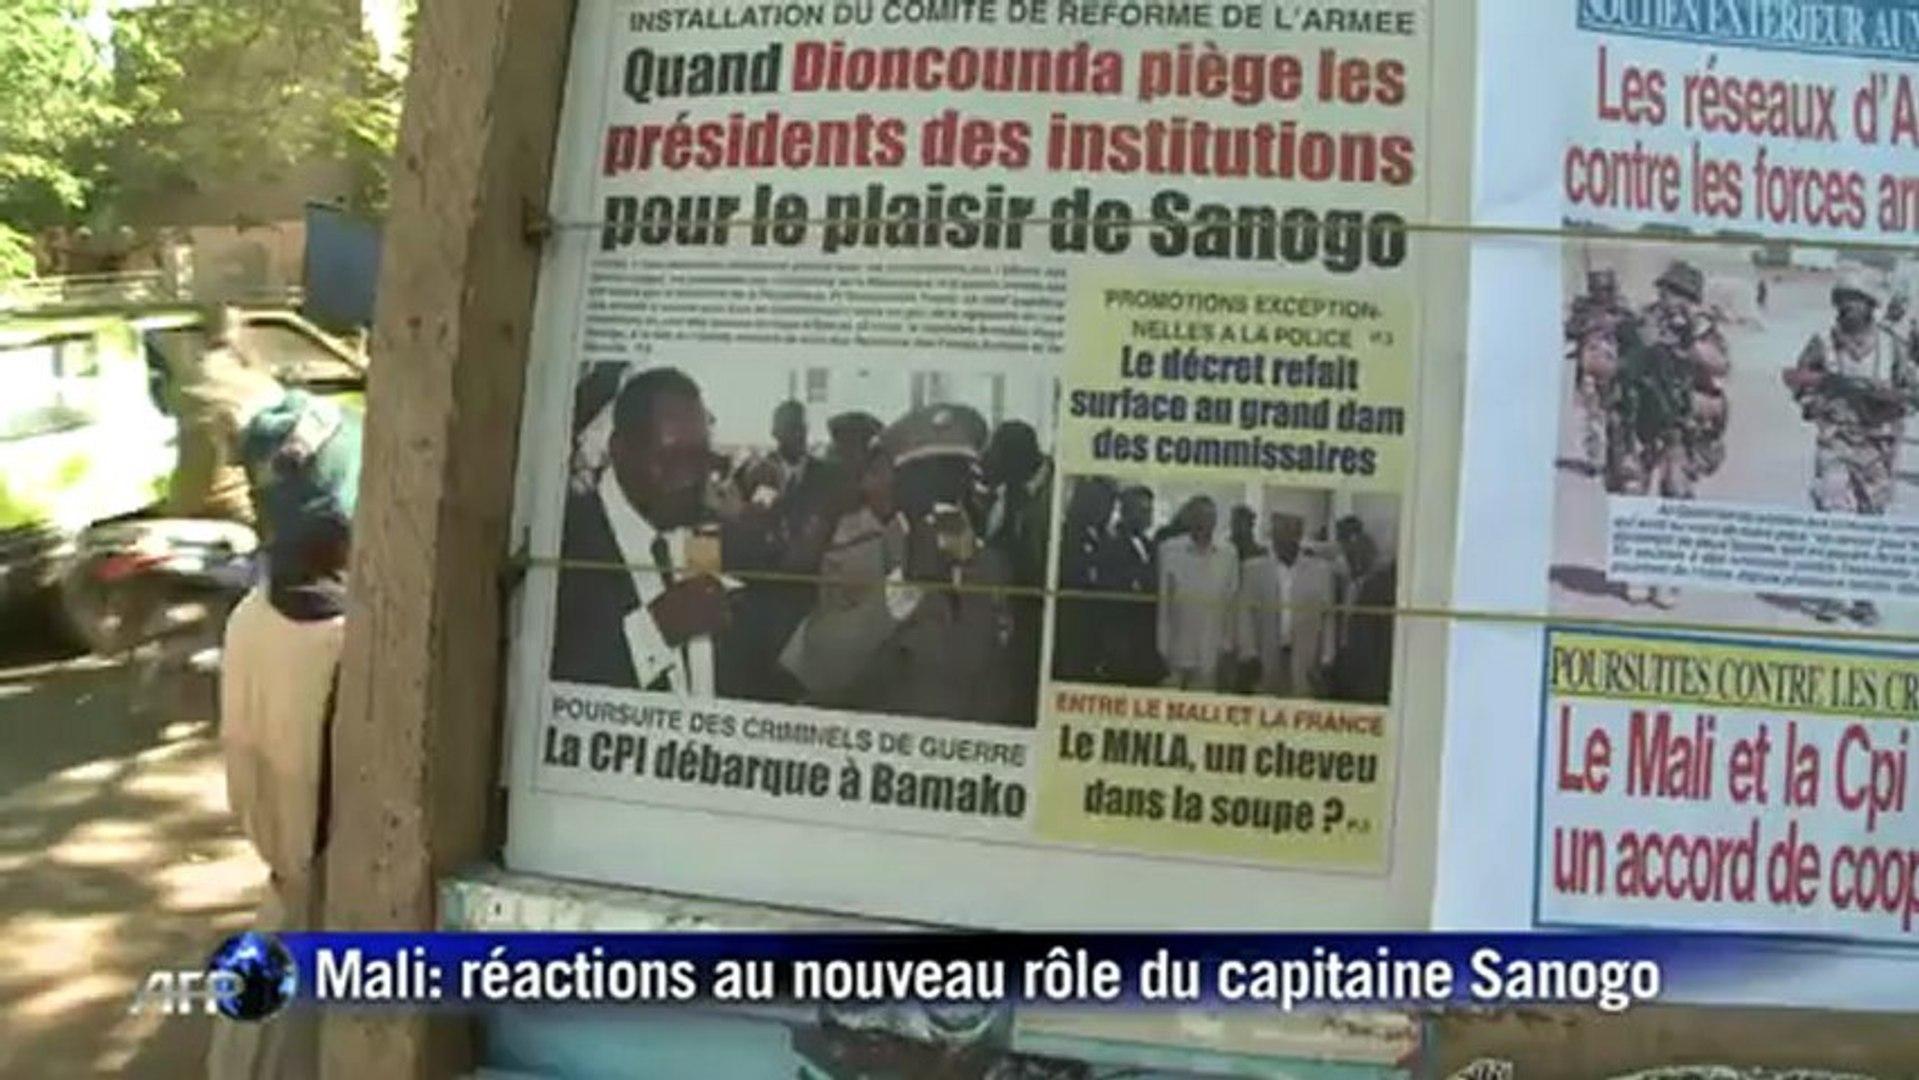 Réactions à Bamako sur le nouveau rôle de Sanogo